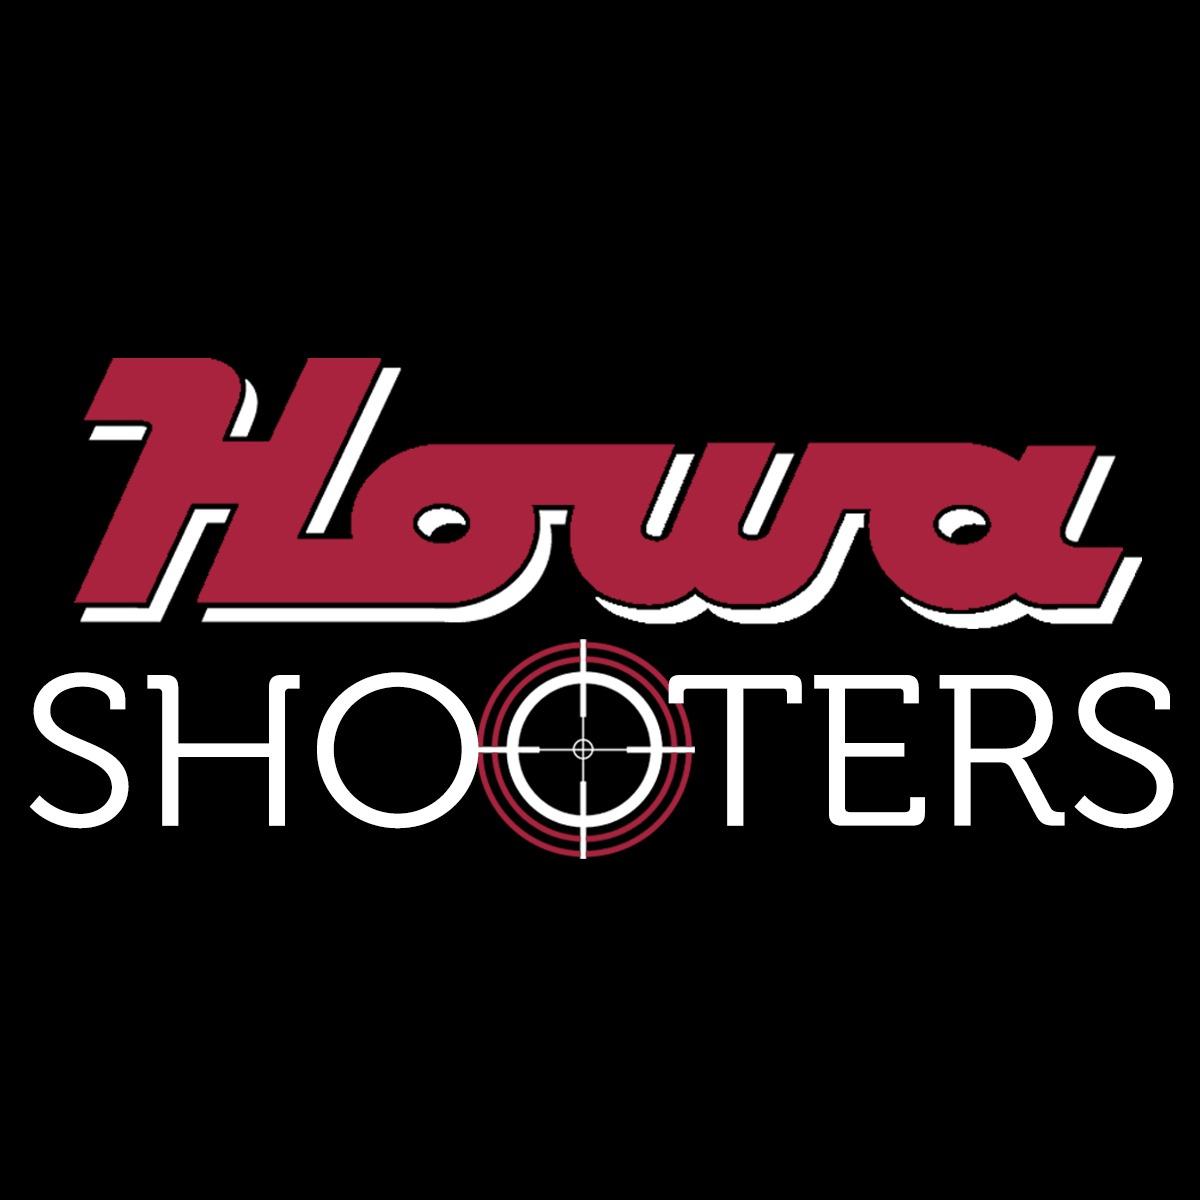 Howa Shooters SA